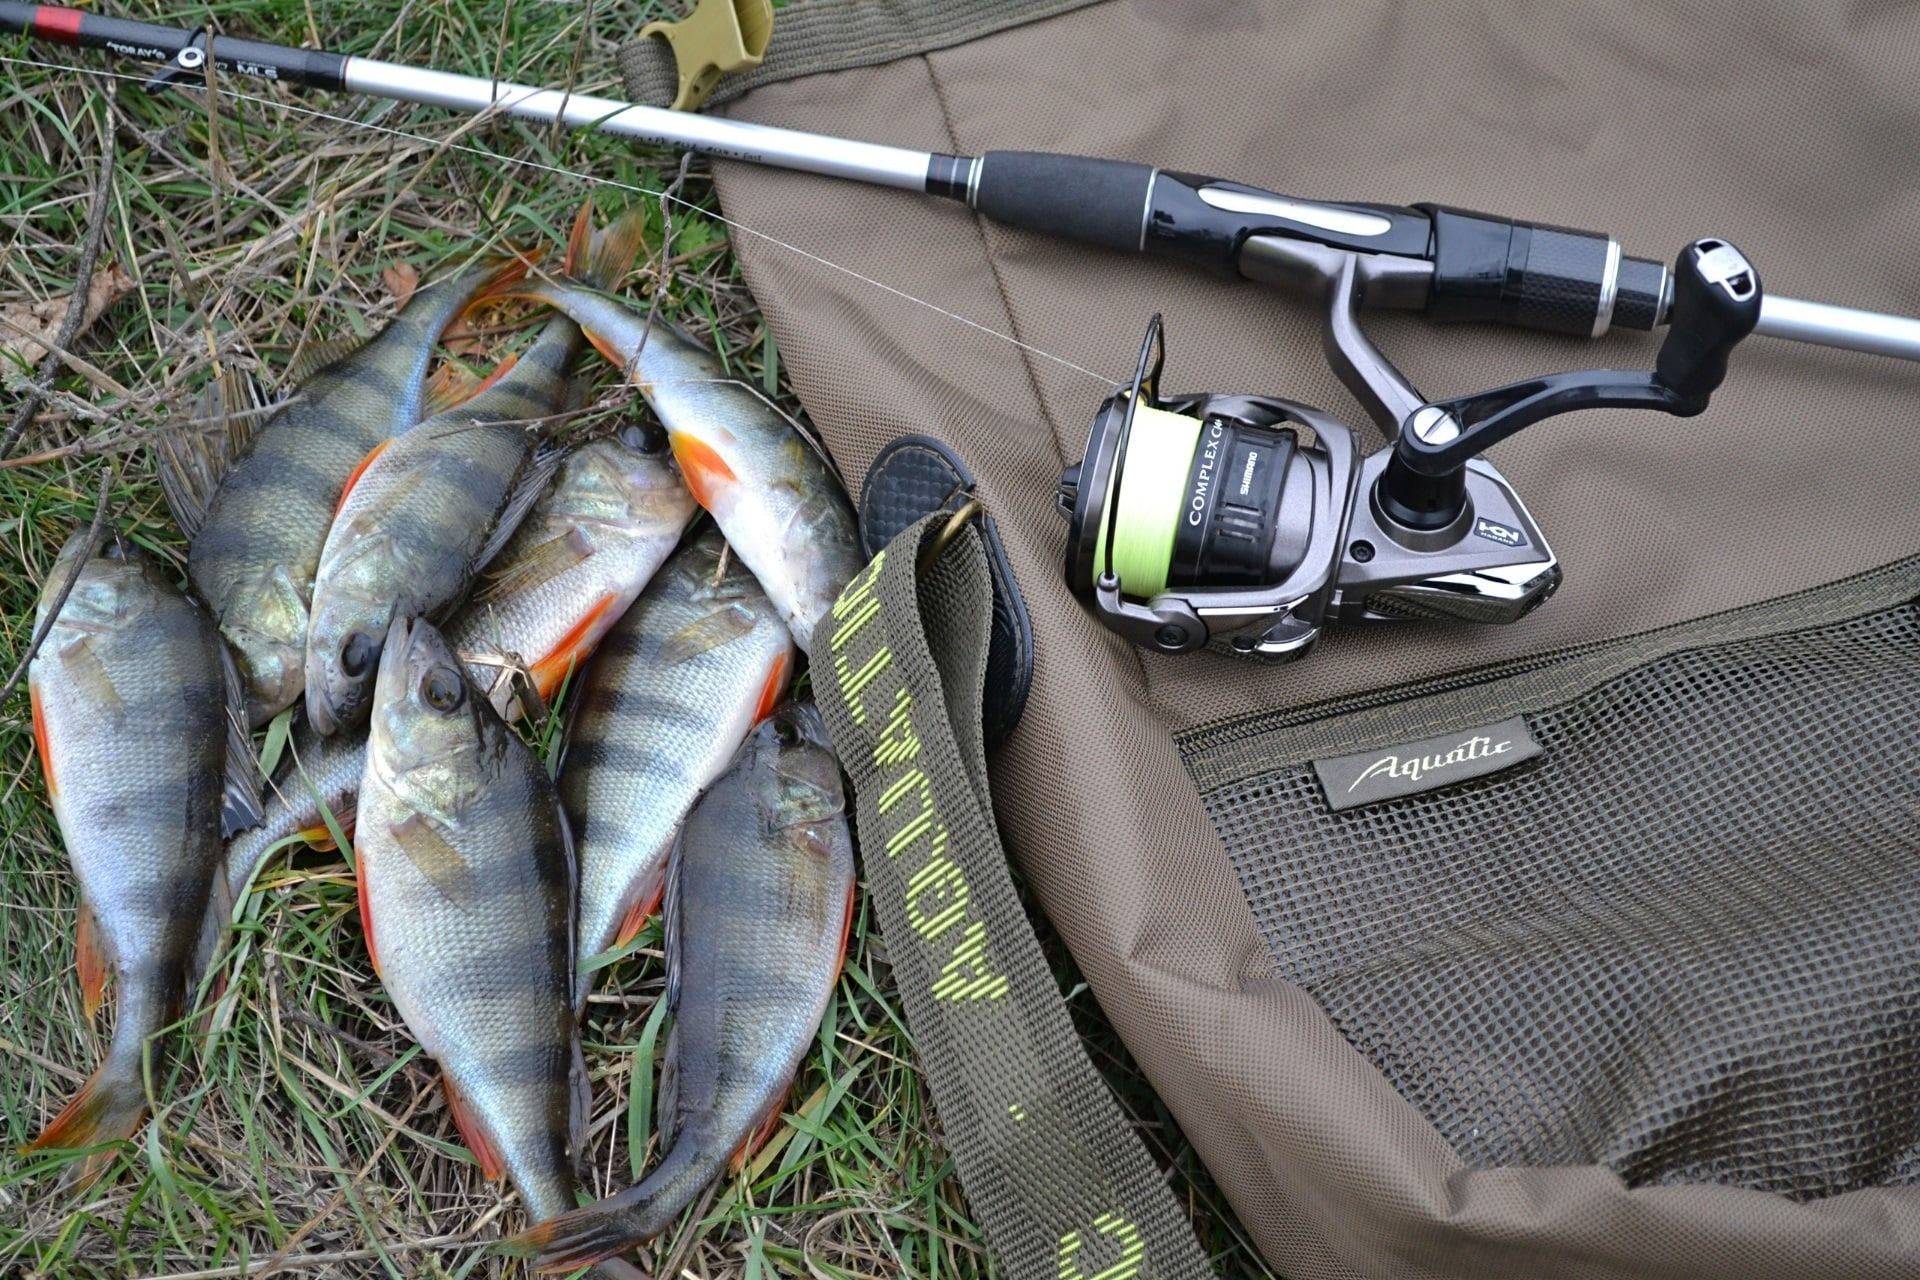 Обзор сумки для рыбы и аксессуаров Aquatic С-18 от Дениса Фалько